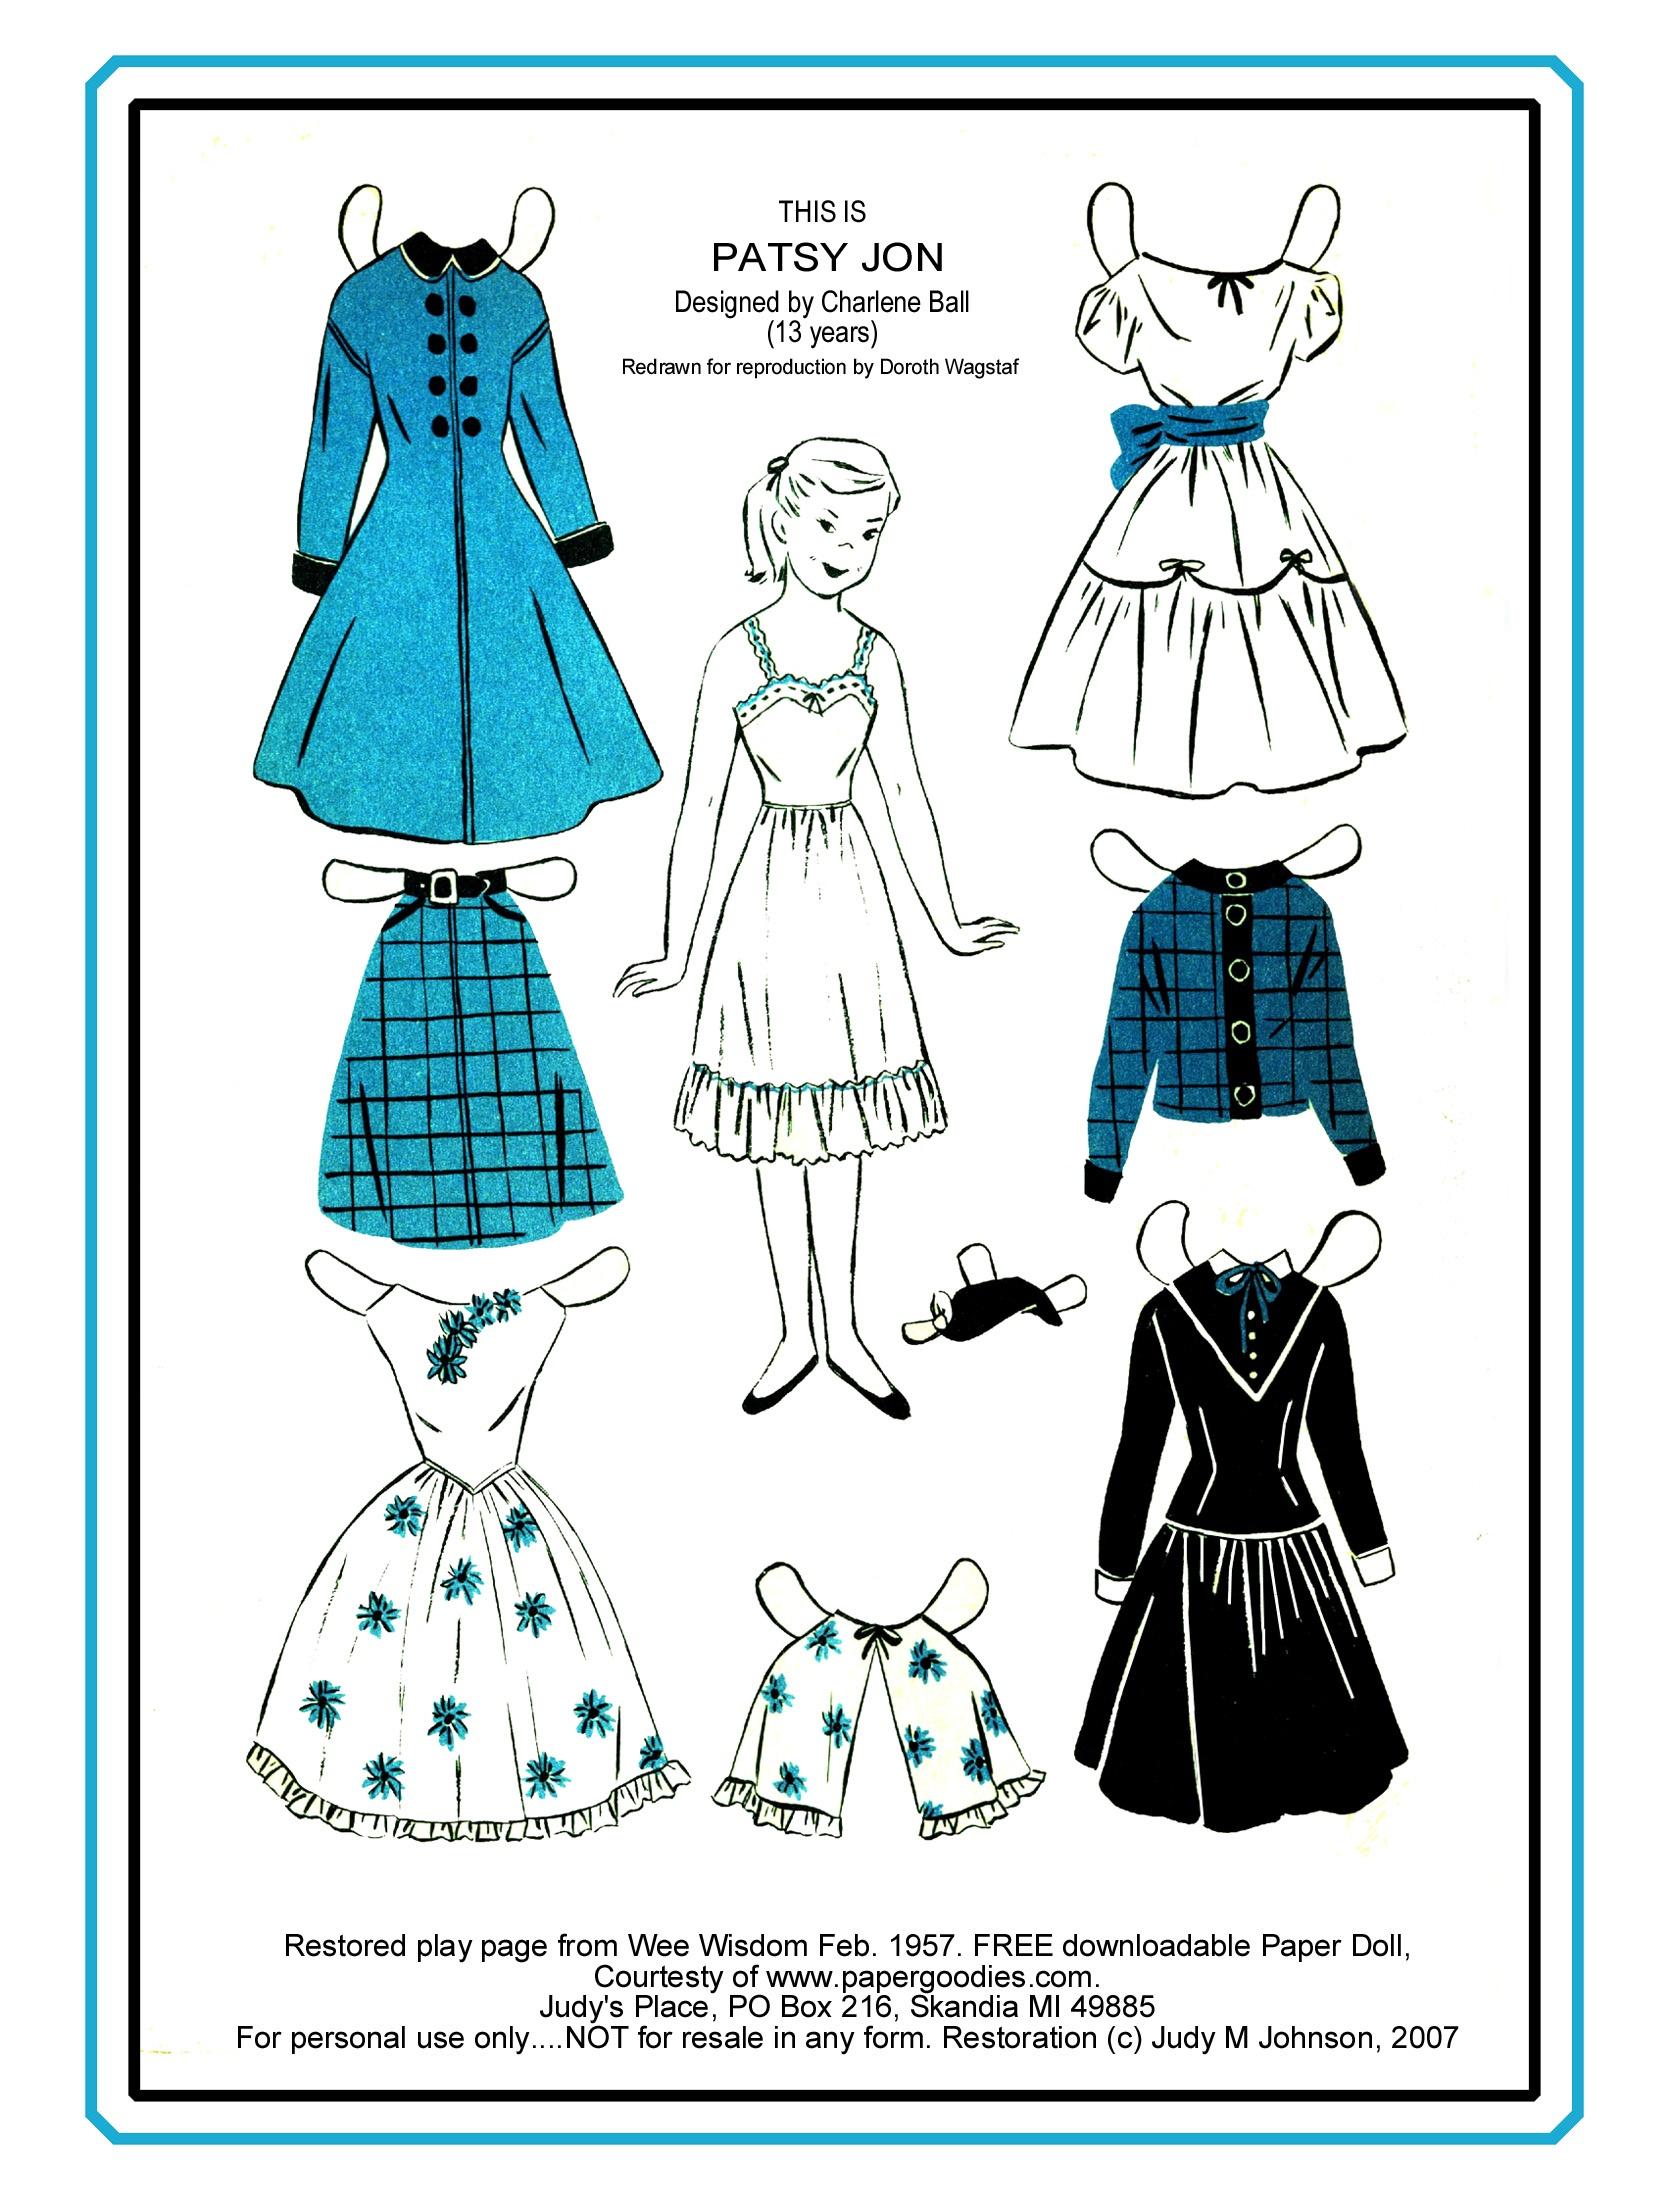 Paper Dolls Vintage Paper Dolls Celebrity Paper Dolls - Free Printable Paper Dolls From Around The World